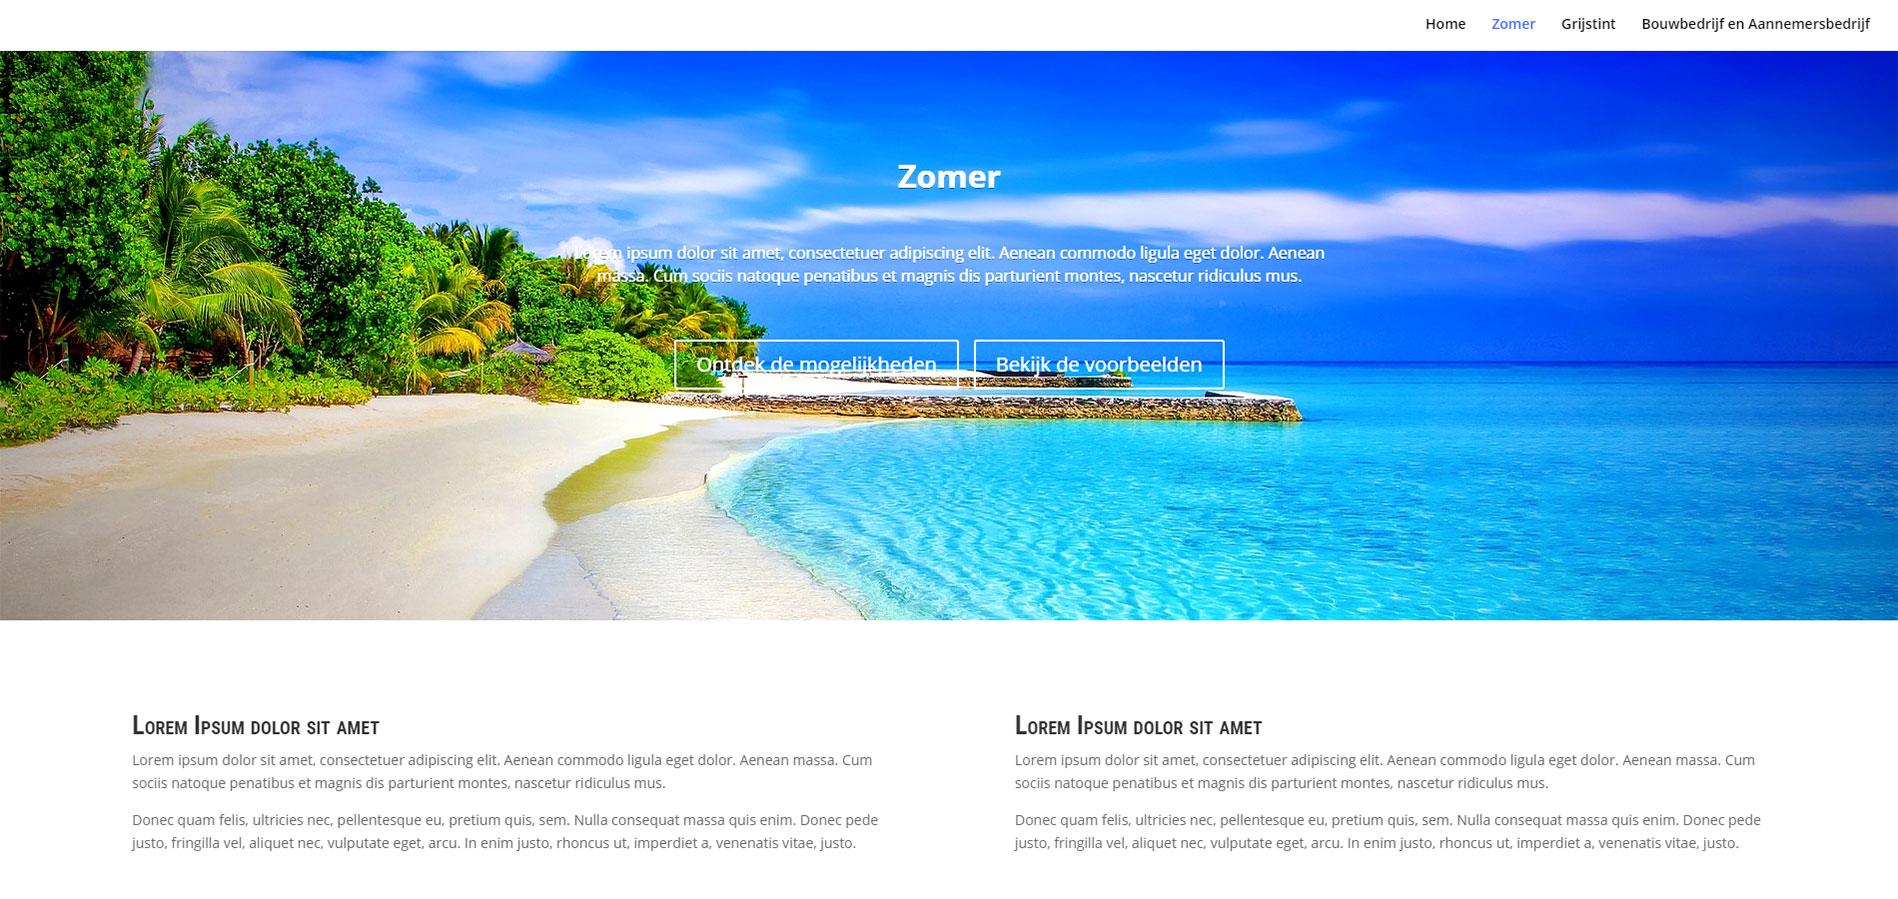 Voorbeeld van template Zomer website